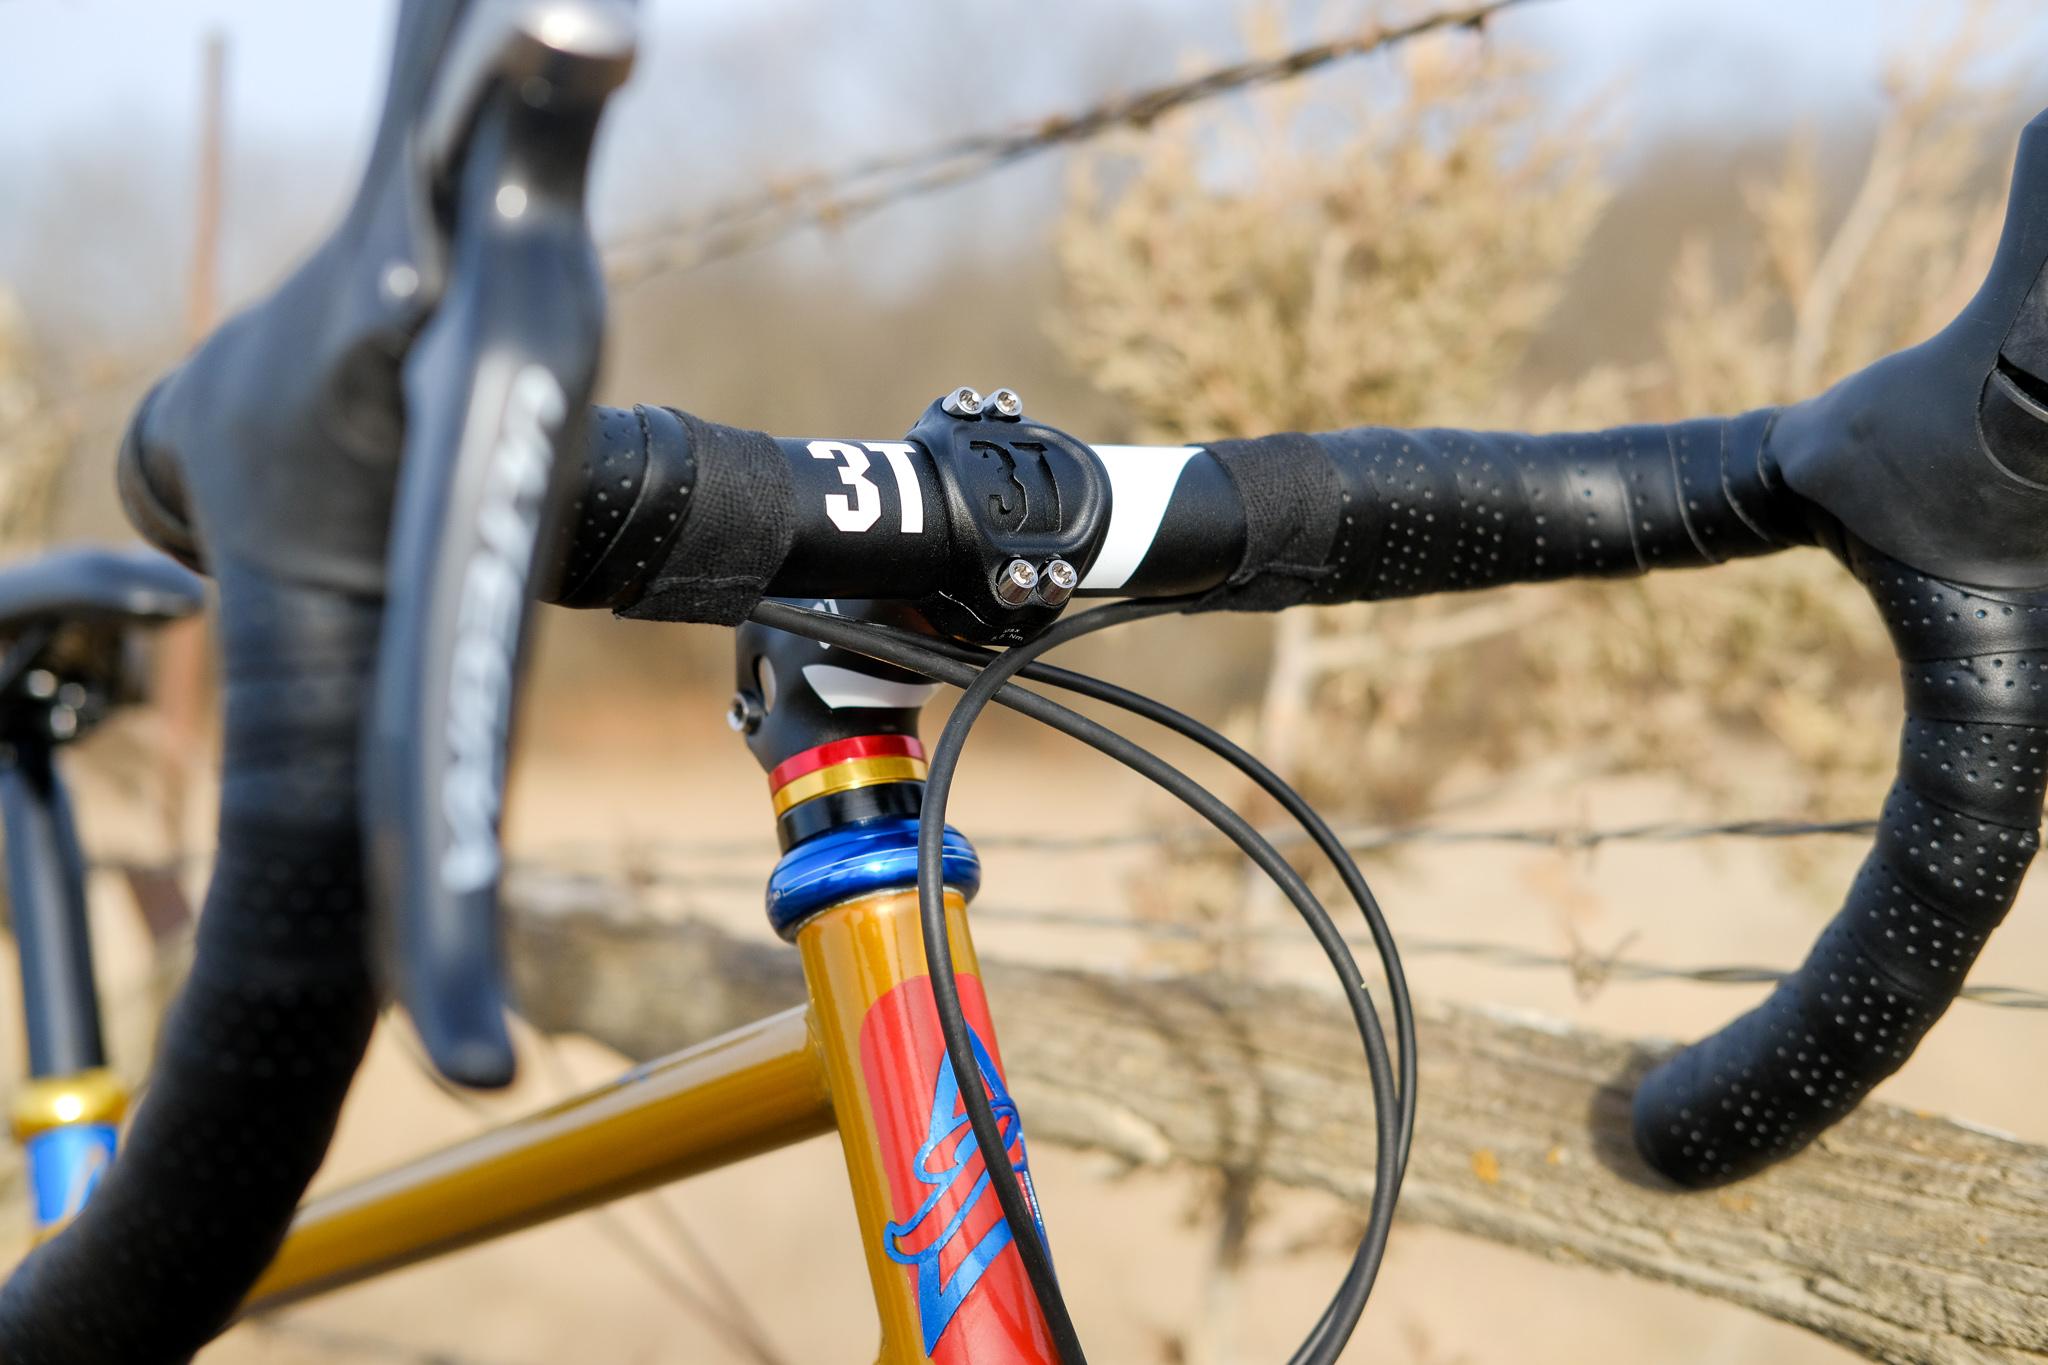 2018-02-18 Beth Morford Pedalino Bike Fuji Jpeg-32.jpg